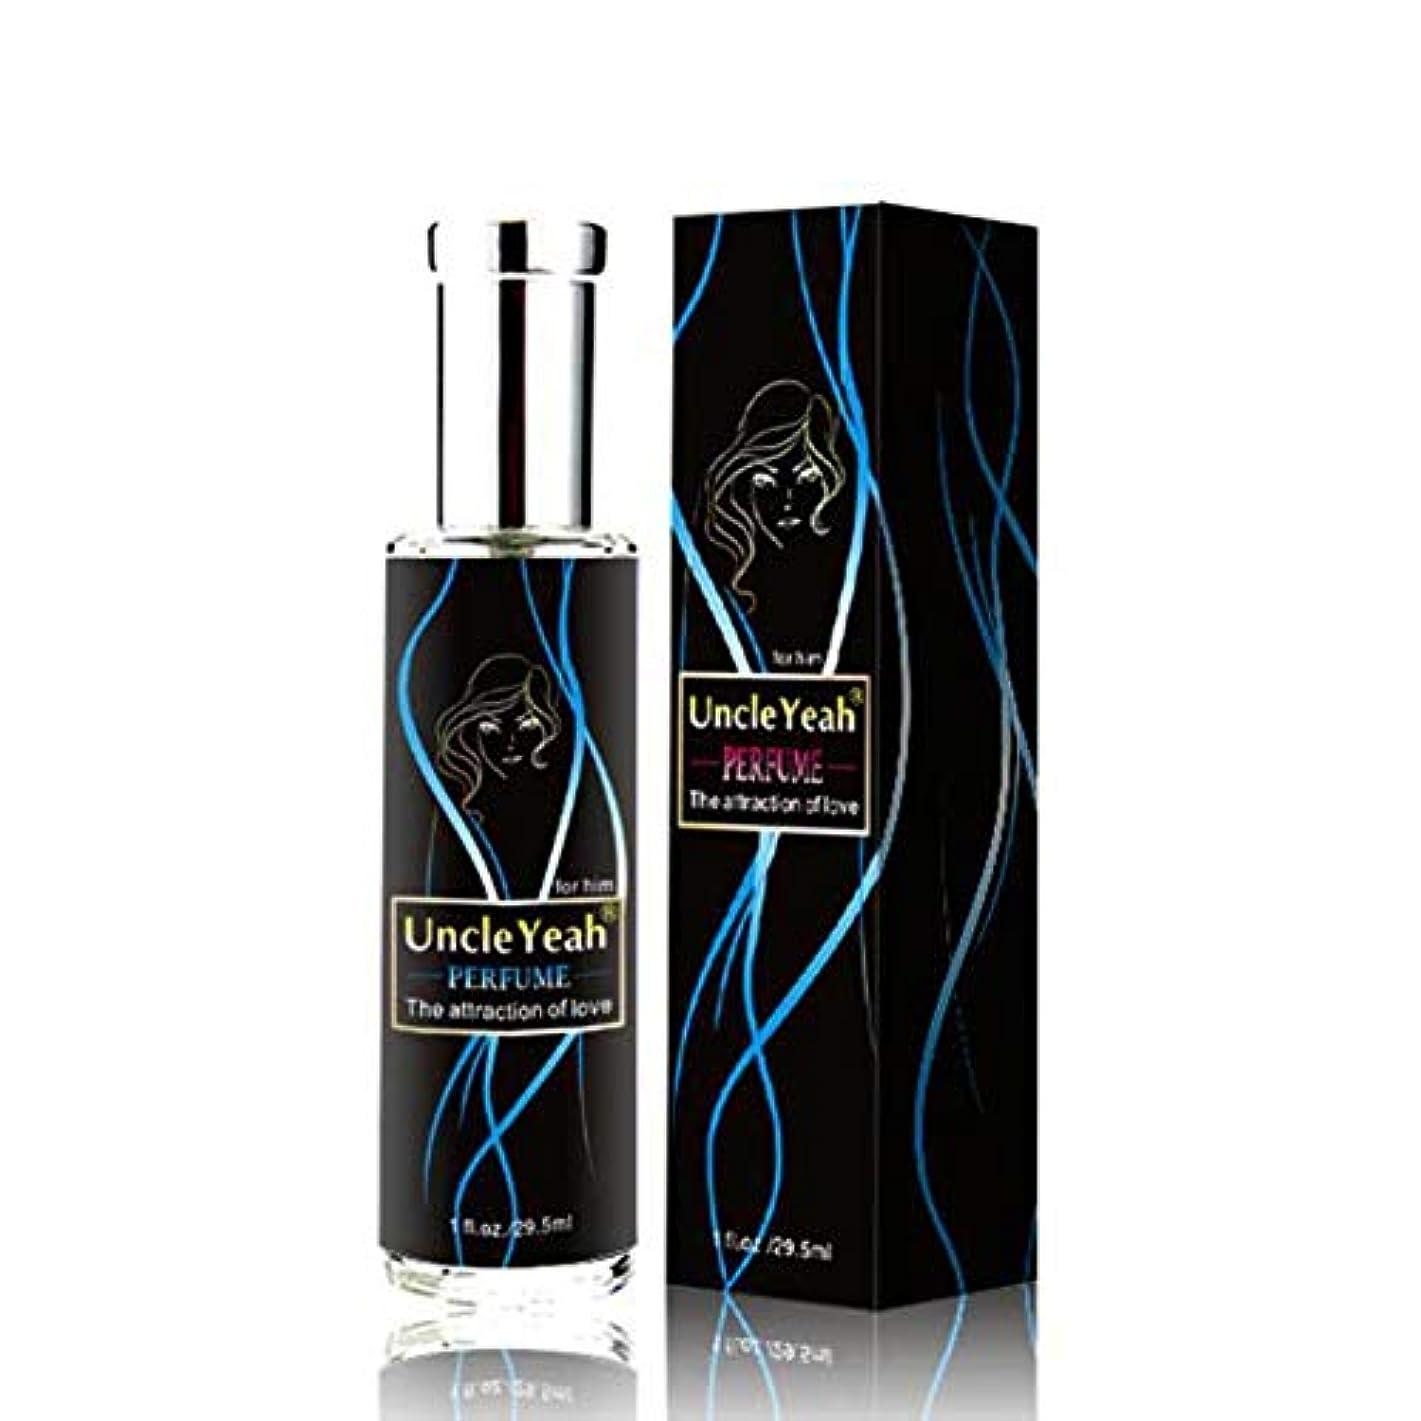 パラメータ契約した下Moresave 男性用フェロモン香水 魅力をアップ 女性にもてる